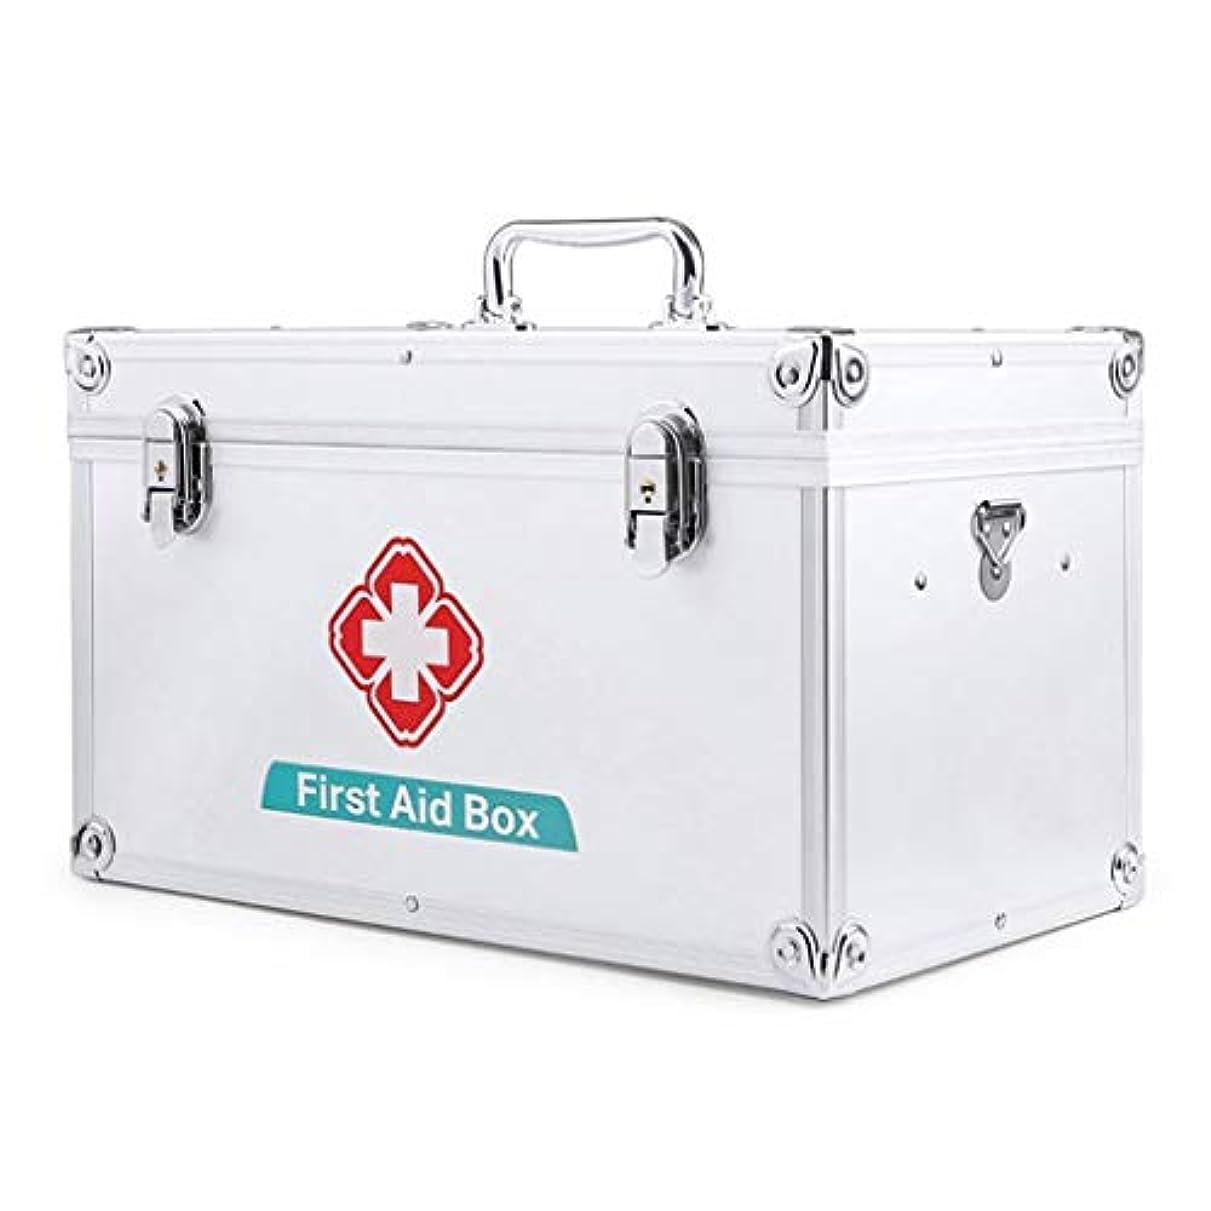 ロバゲスト欠員XKJPShop 救急箱 白い十字の金属の医学袋の収納箱と赤いハンドルの取り外し可能な内部の皿が付いている救急箱 応急処置ケース、家庭、職場、学校 (Size : 14inch)